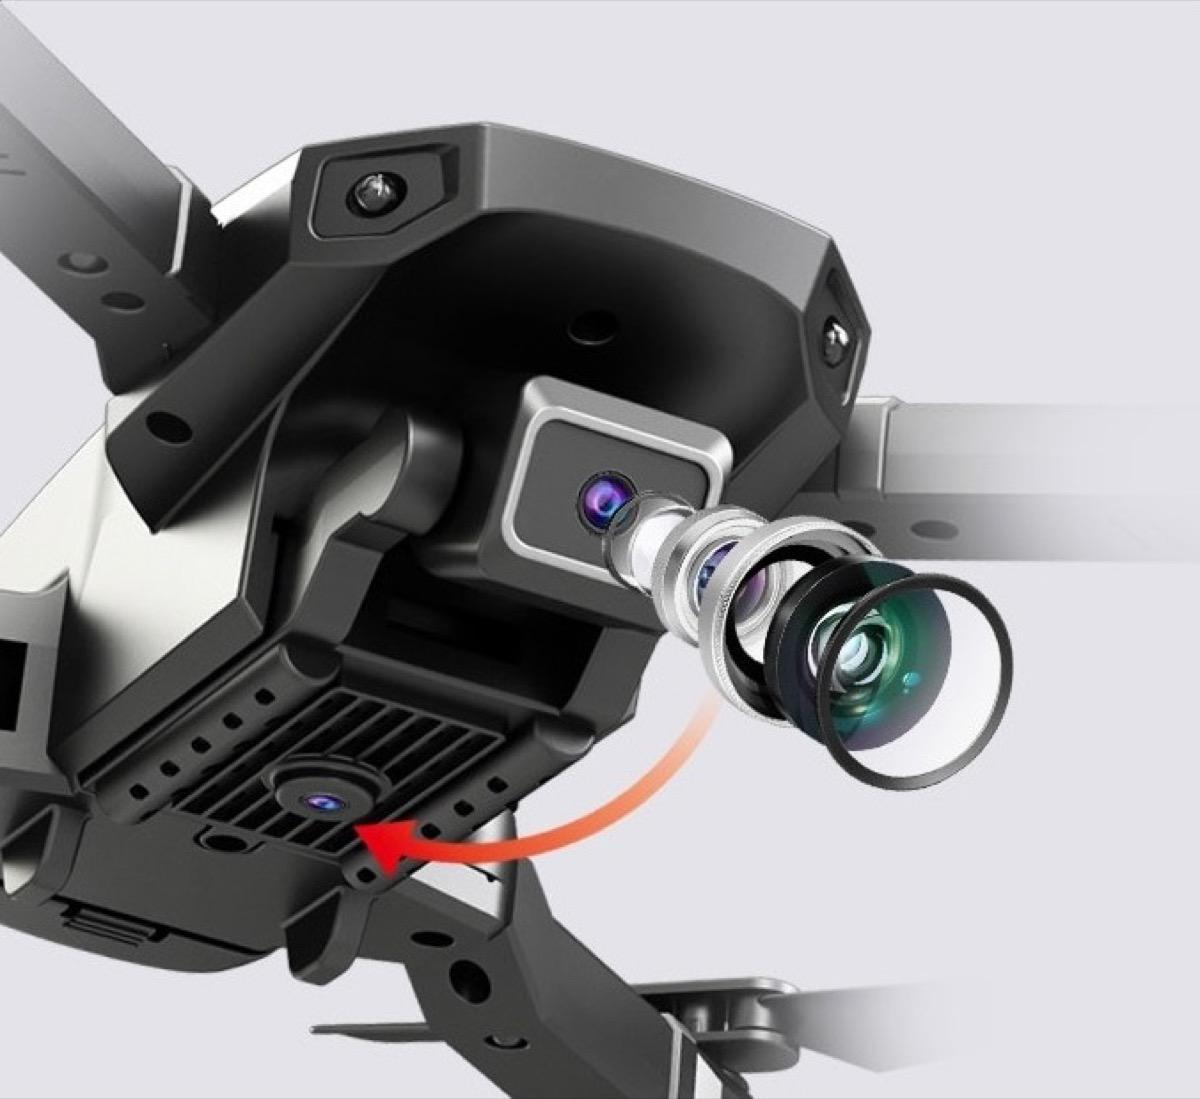 H3 RC, il drone quadricottero con doppia videocamera 4K in offerta a soli 29 €